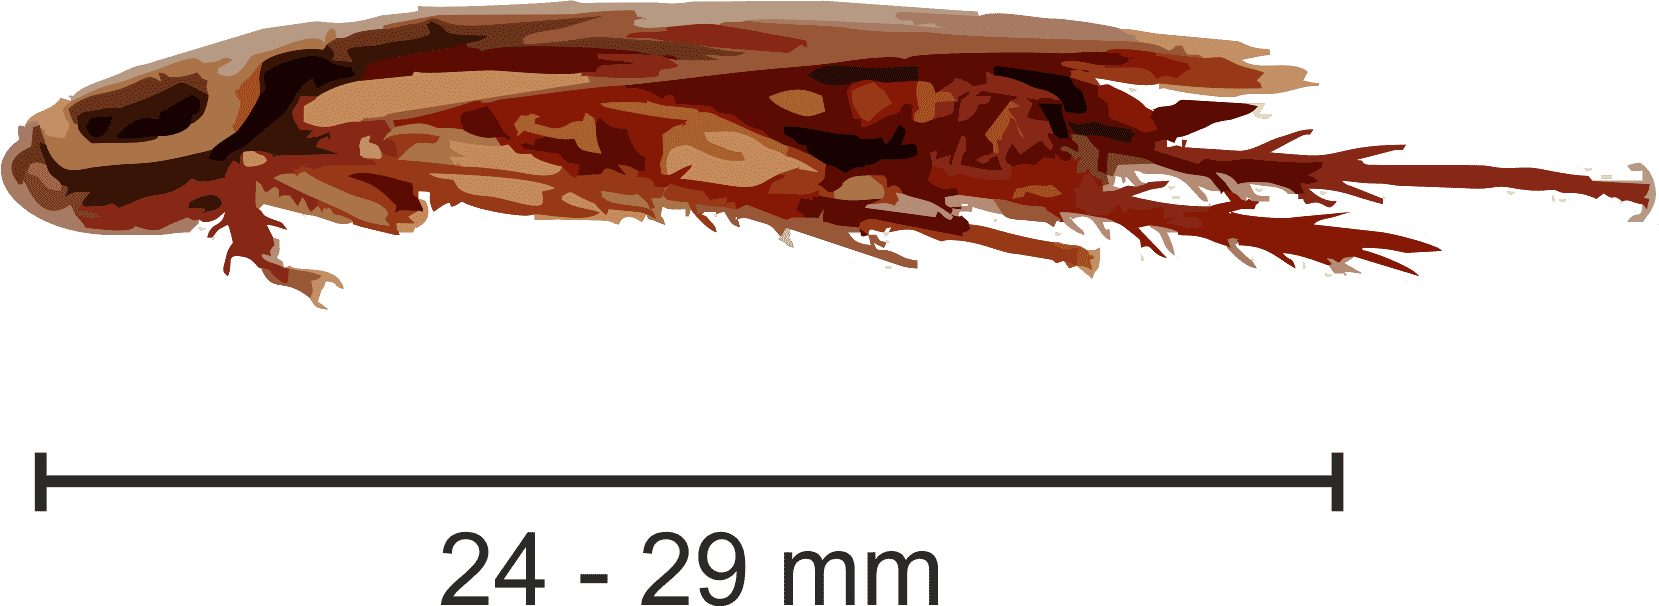 karaczan australijski rozmiar